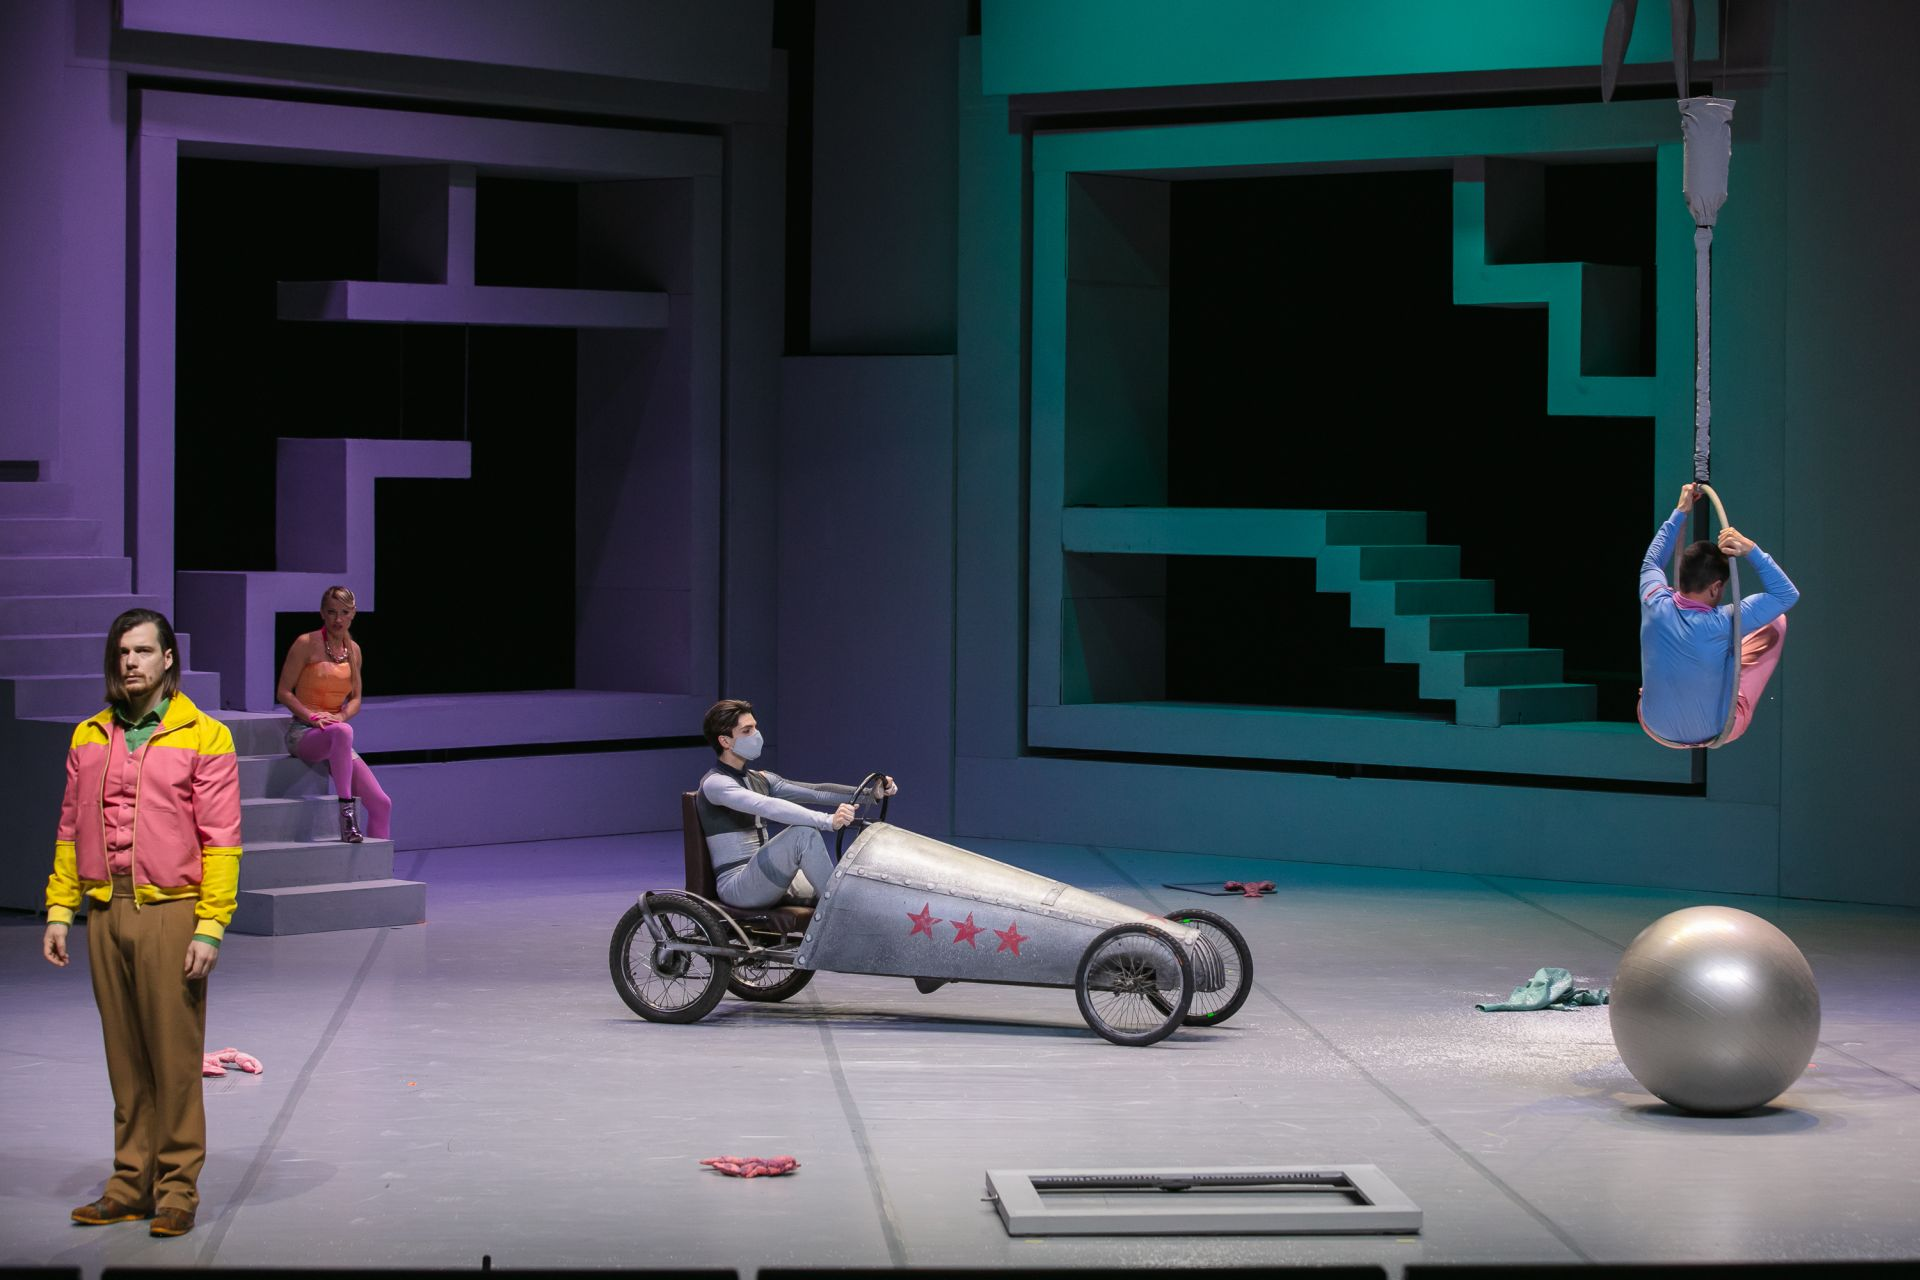 Veszedelmes éden, avagy az Opera következő évadáról 2.